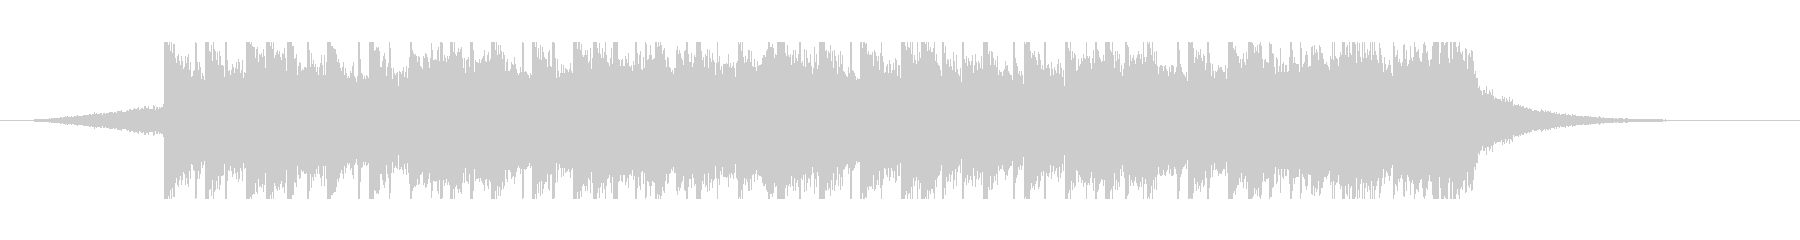 中東アラビア音楽(30秒)の未再生の波形